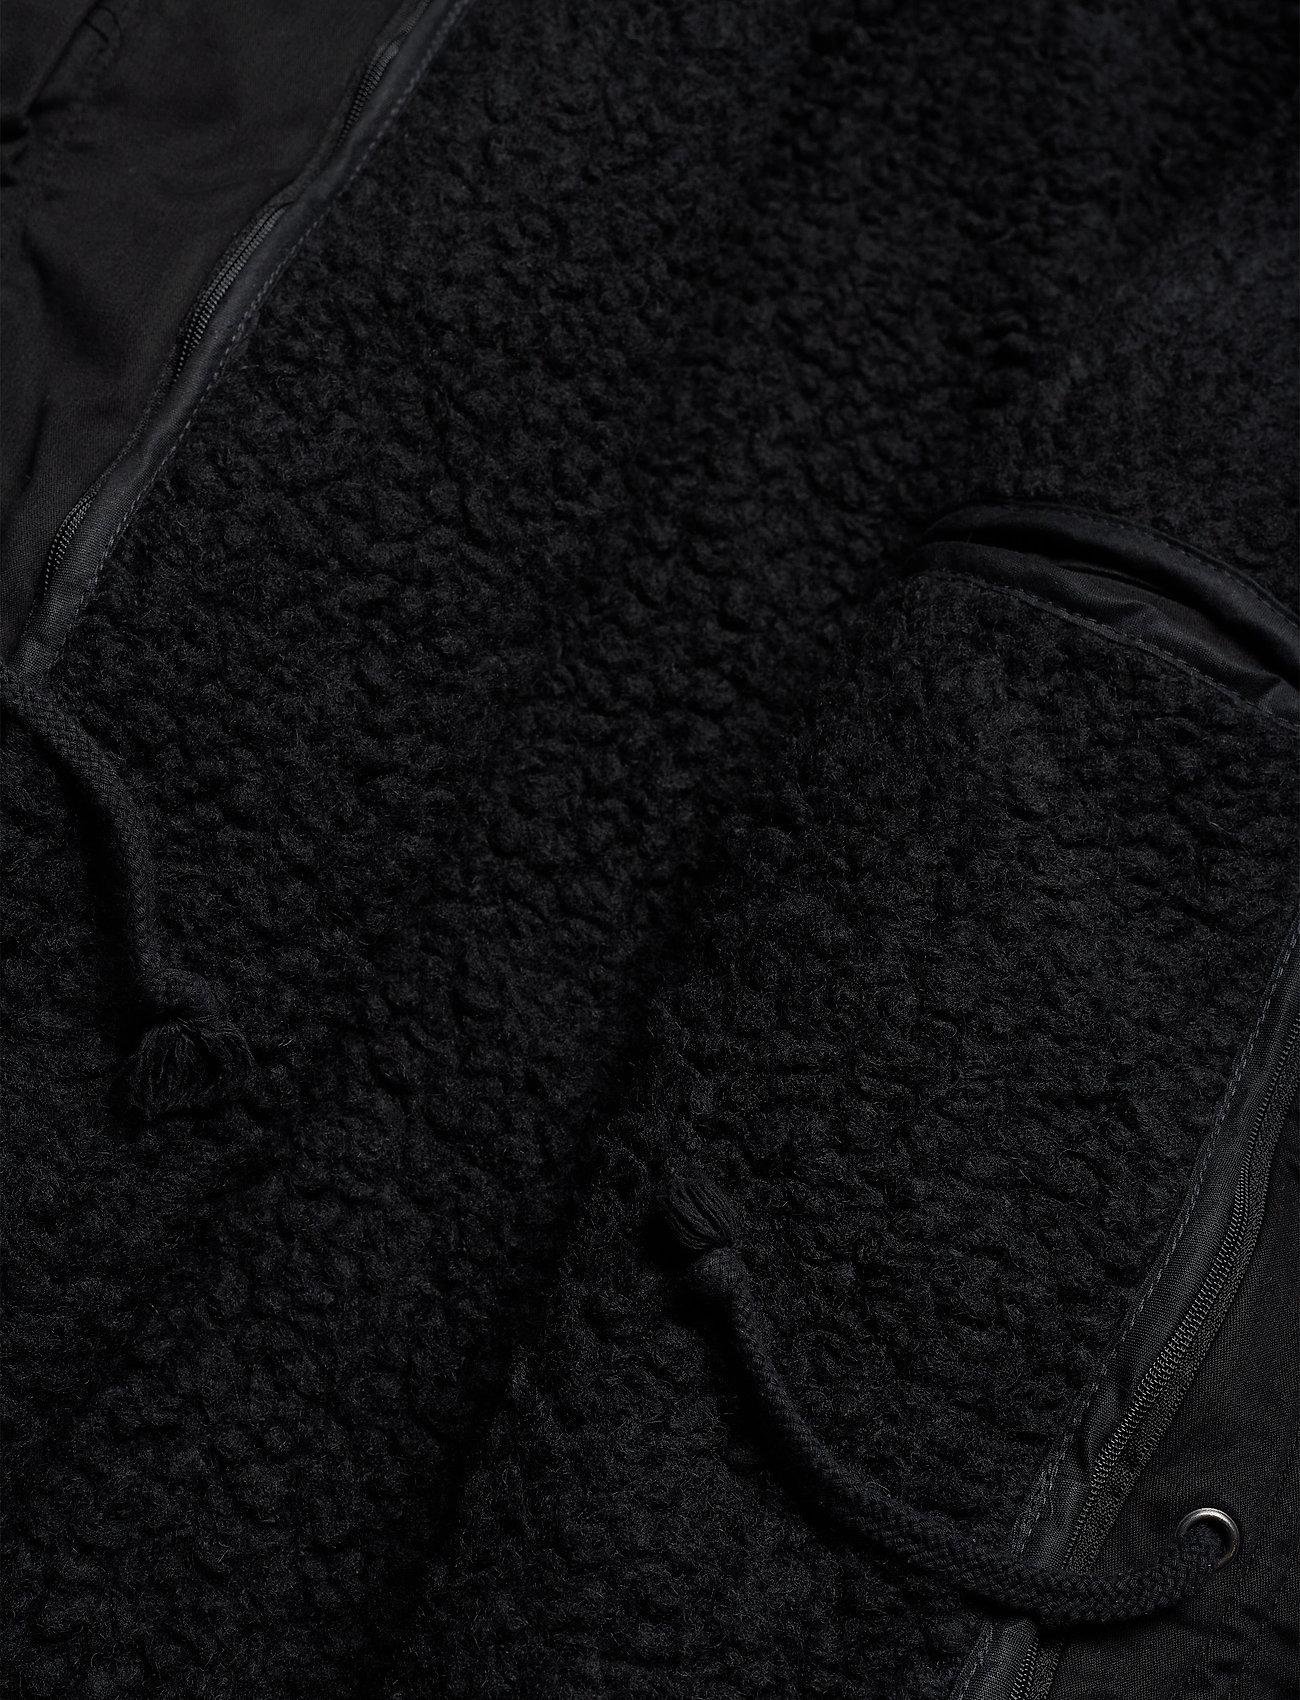 R-Collection Classic Parka - Jakker og frakker BLACK - Menn Klær